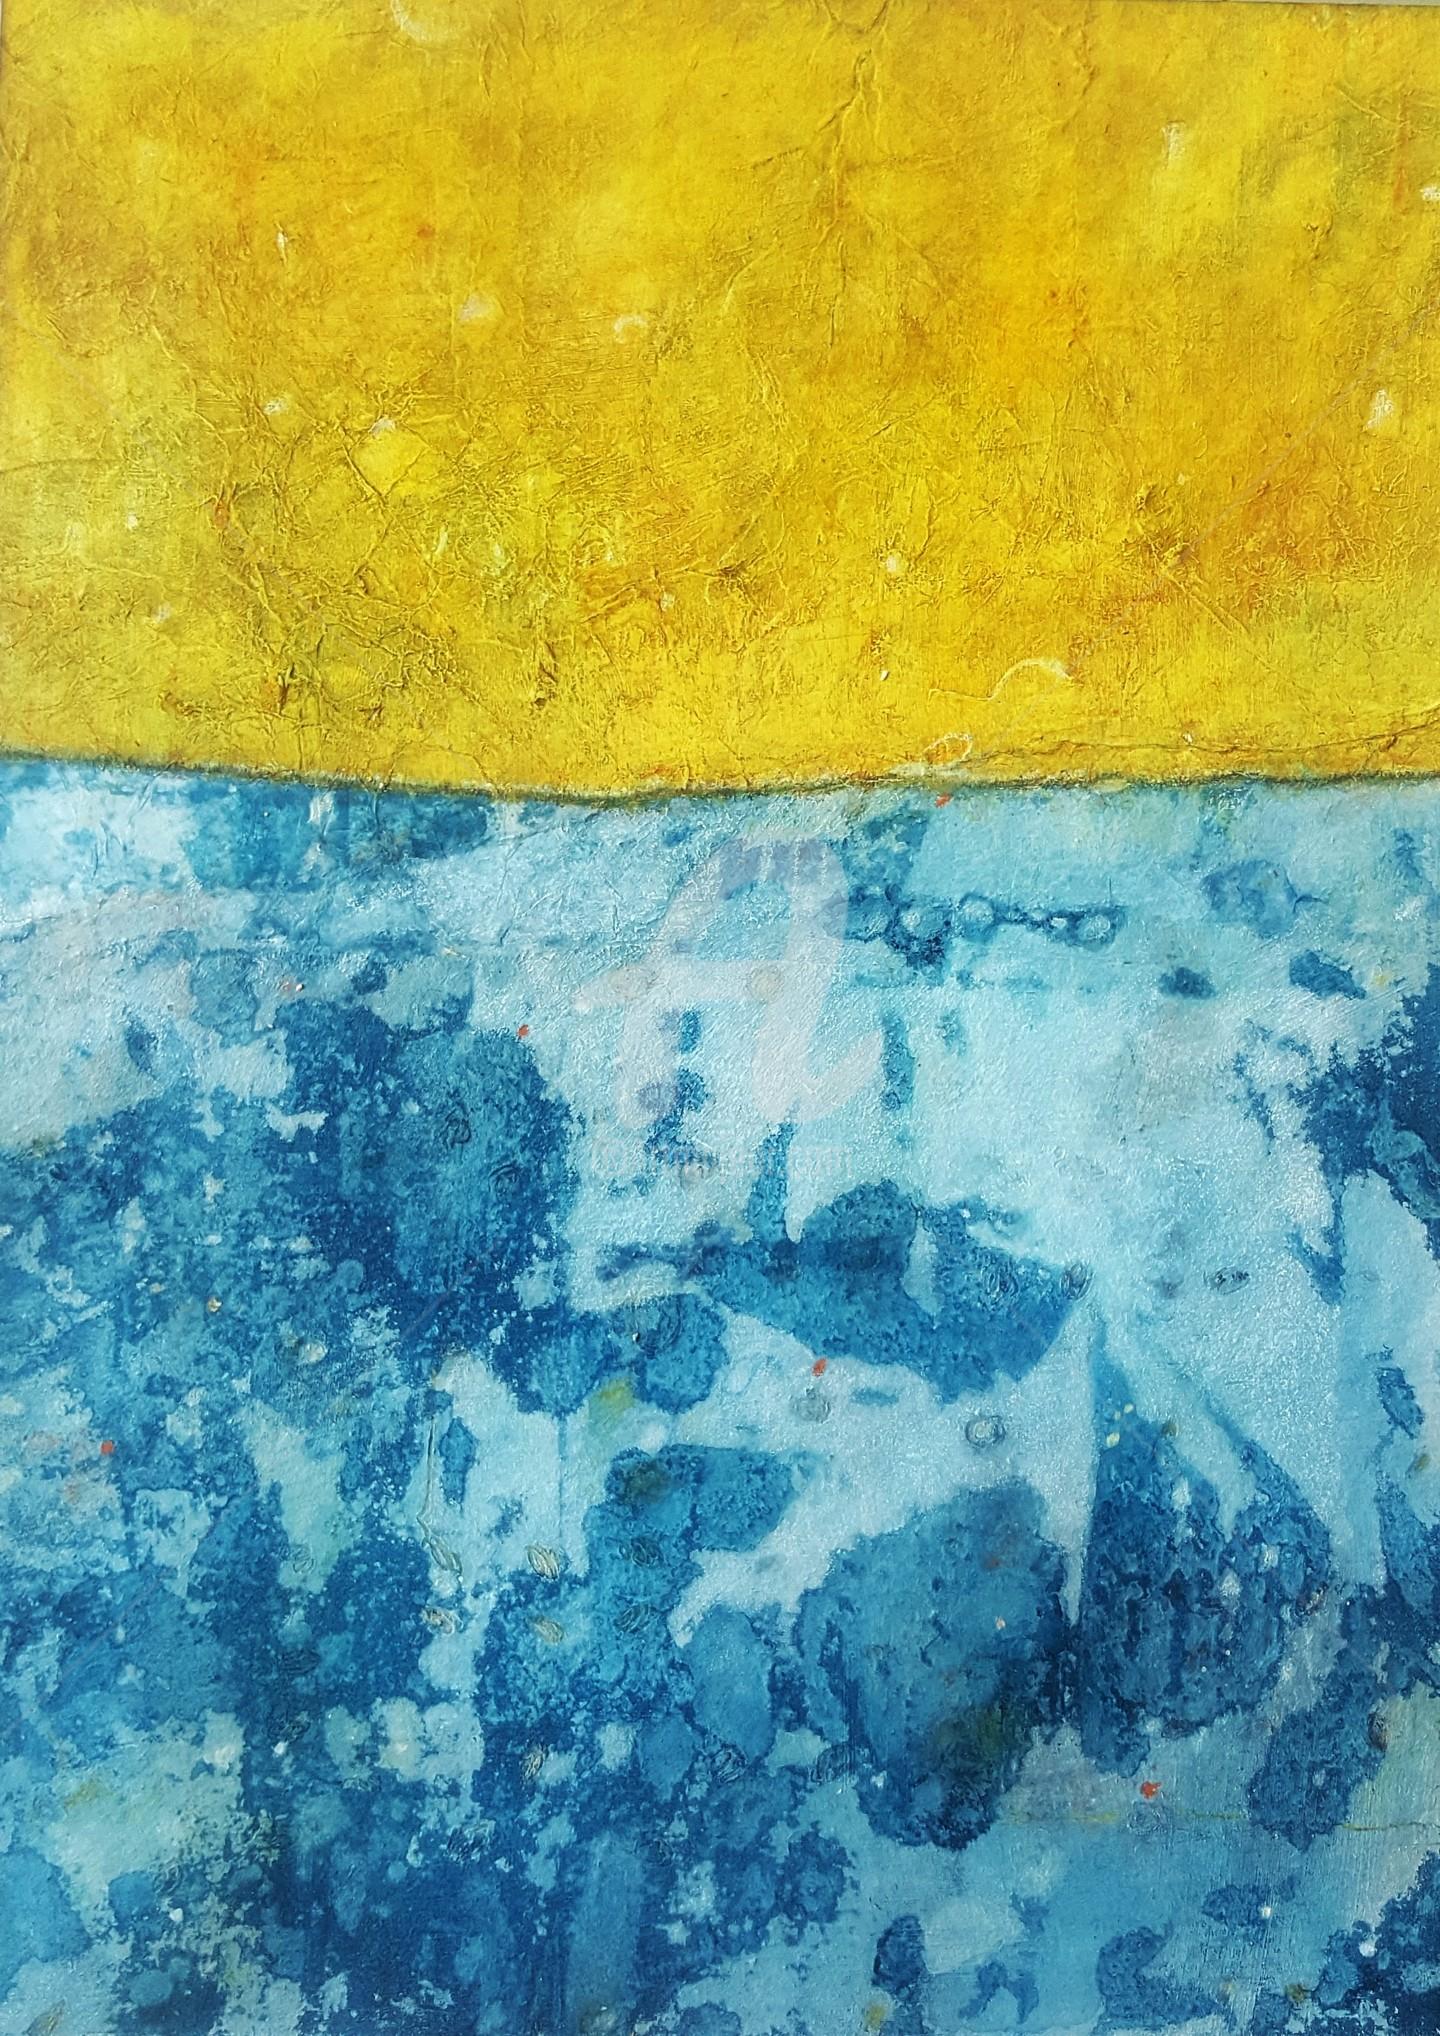 """Karin Martina Wloczyk - """"Yellow meets Blue"""" aus der Serie """"Begegnungen"""""""